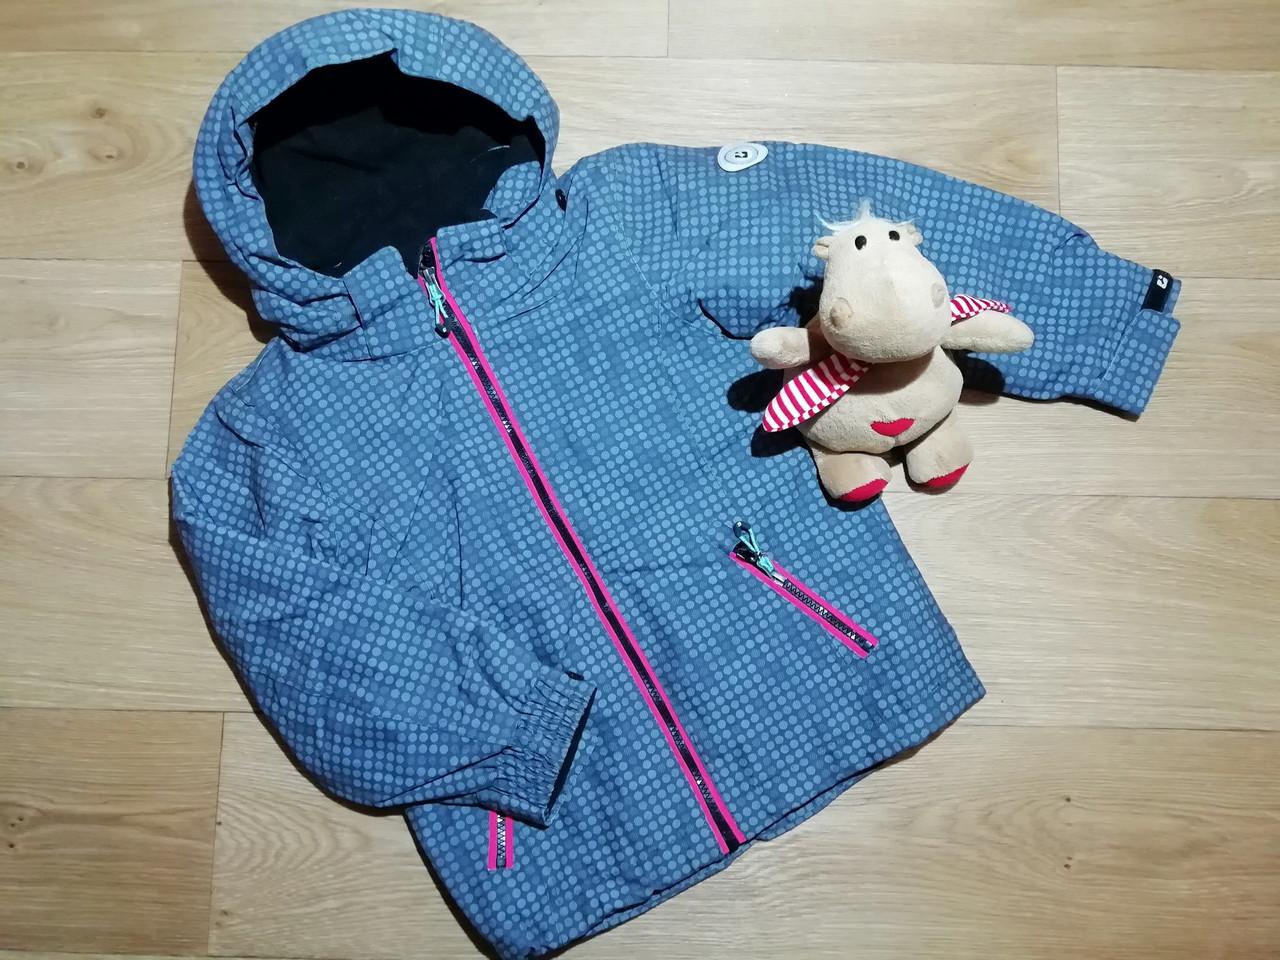 Тепла зимова куртка на дівчинку Killtec (США) (Розмір 6Т)